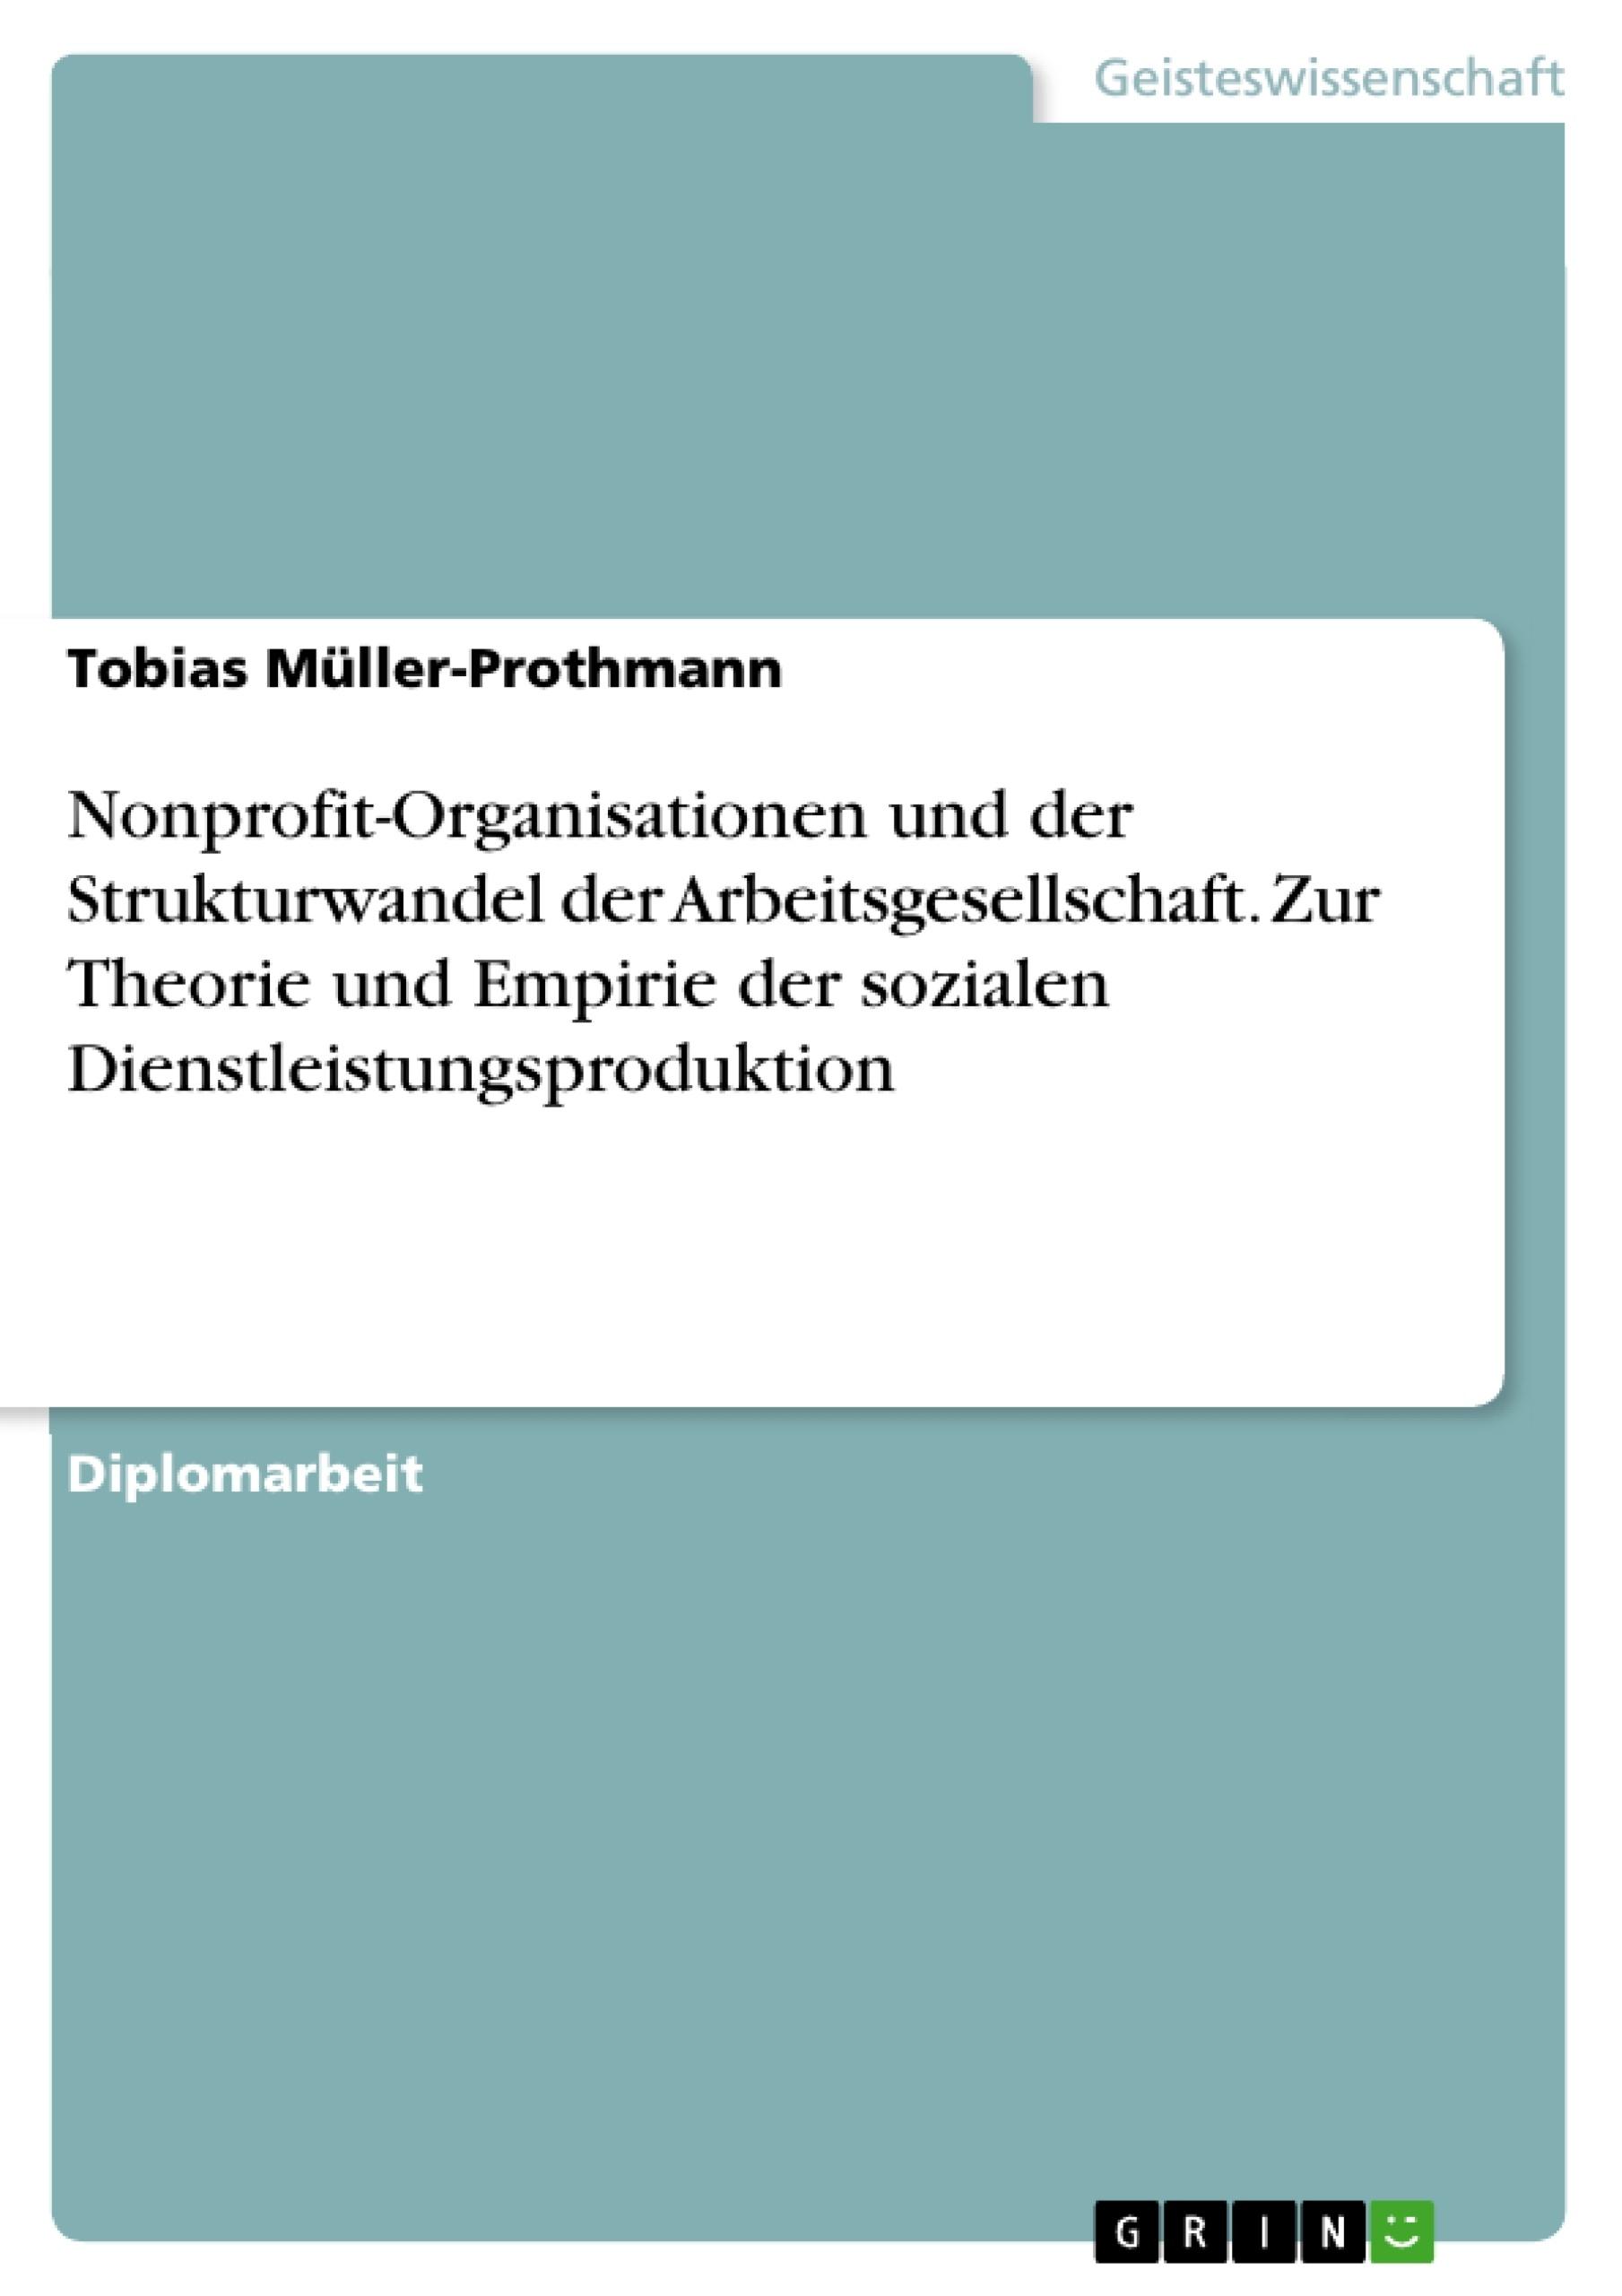 Titel: Nonprofit-Organisationen und der Strukturwandel der Arbeitsgesellschaft. Zur Theorie und Empirie der sozialen Dienstleistungsproduktion